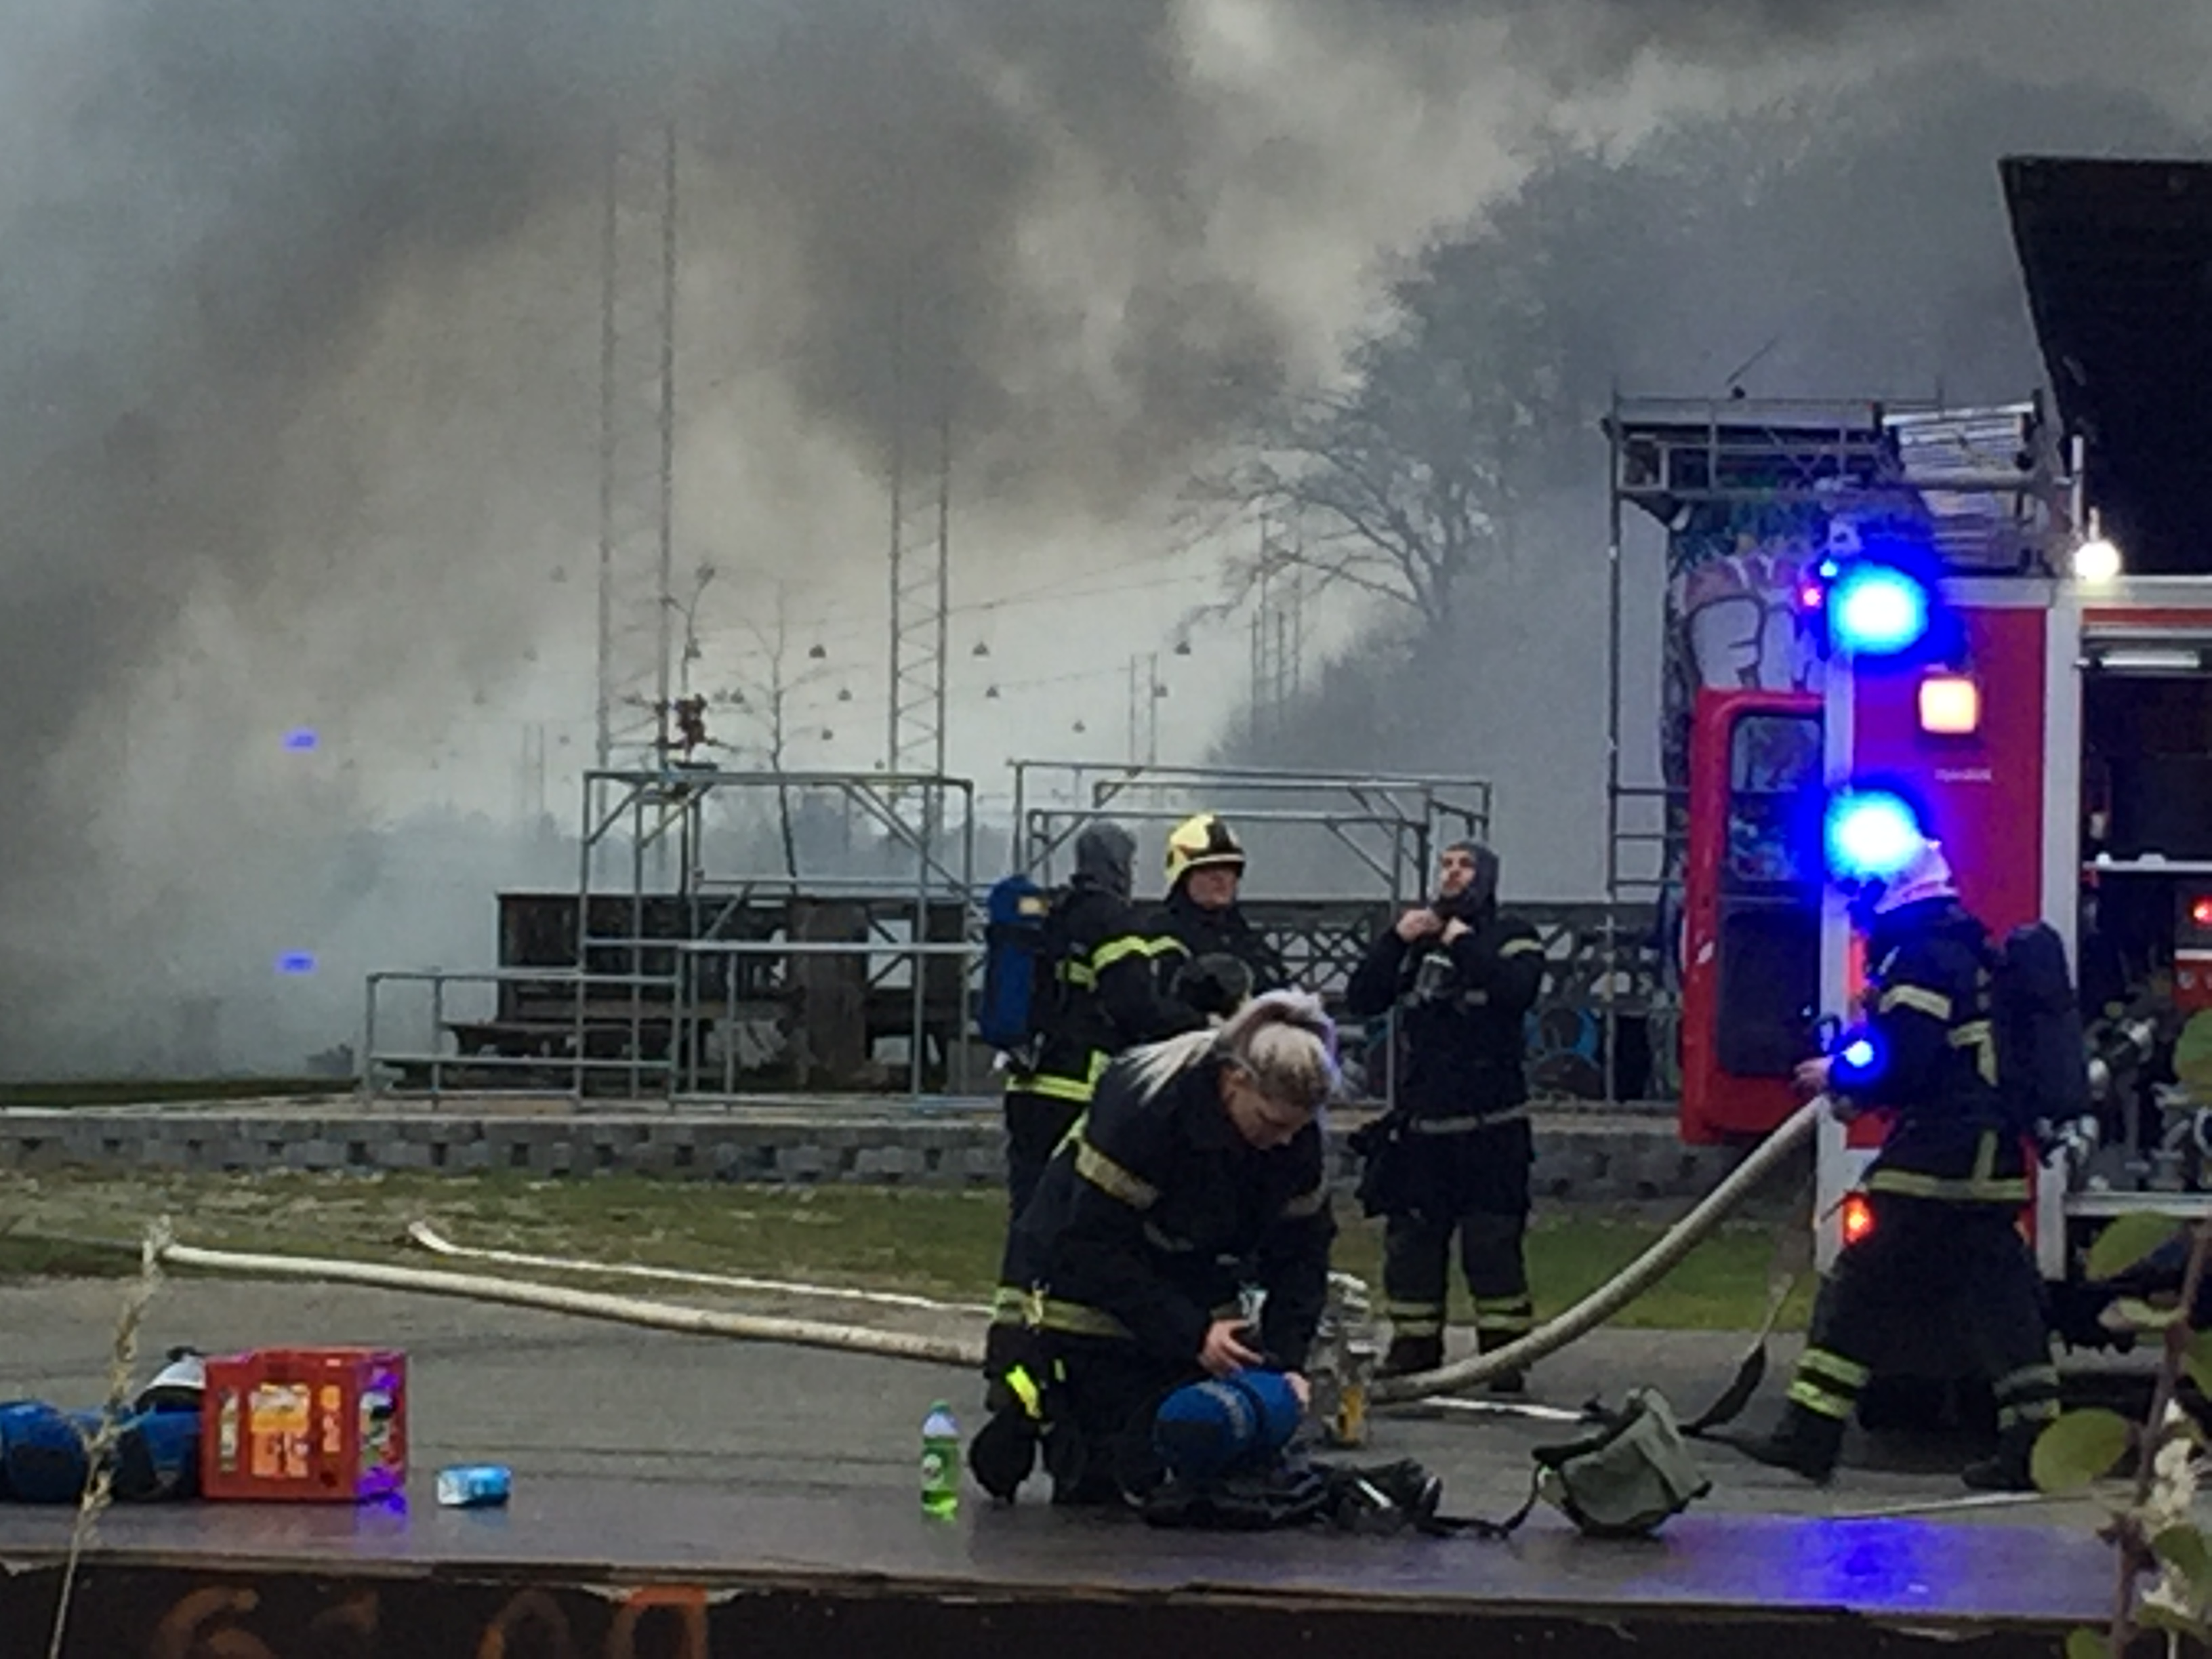 GIFTIG RØG SÆTTER VARSLINGSSIRENER I GANG I FREDERICIA CENTRUM